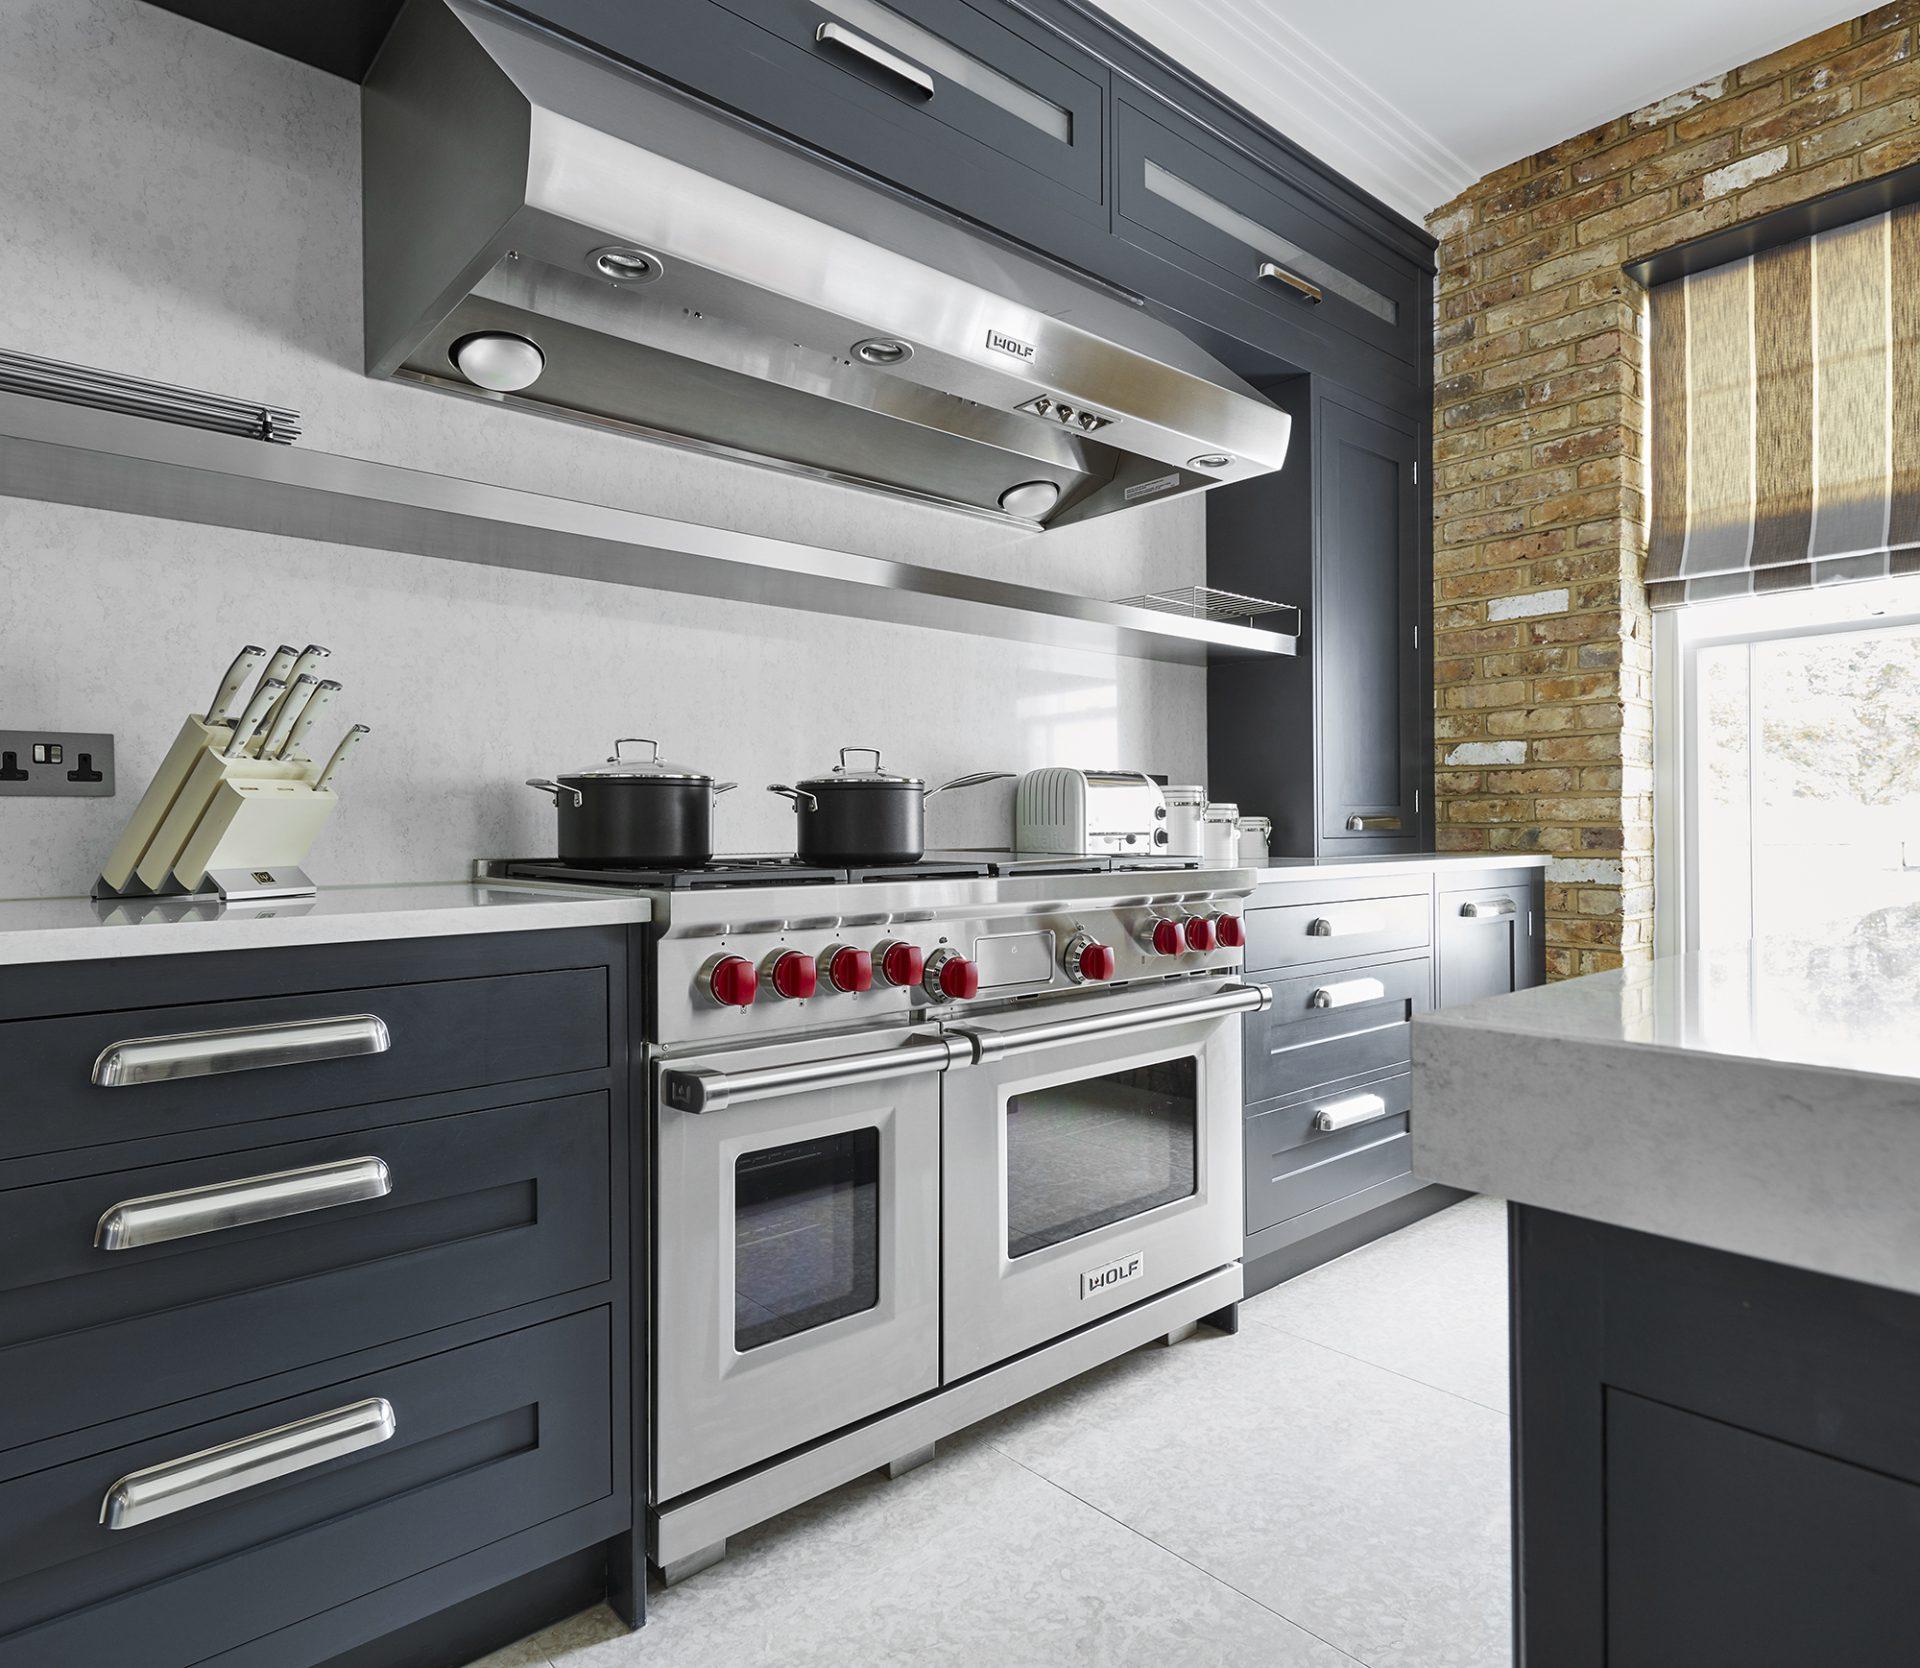 Industrial Kitchen Appliances Uk